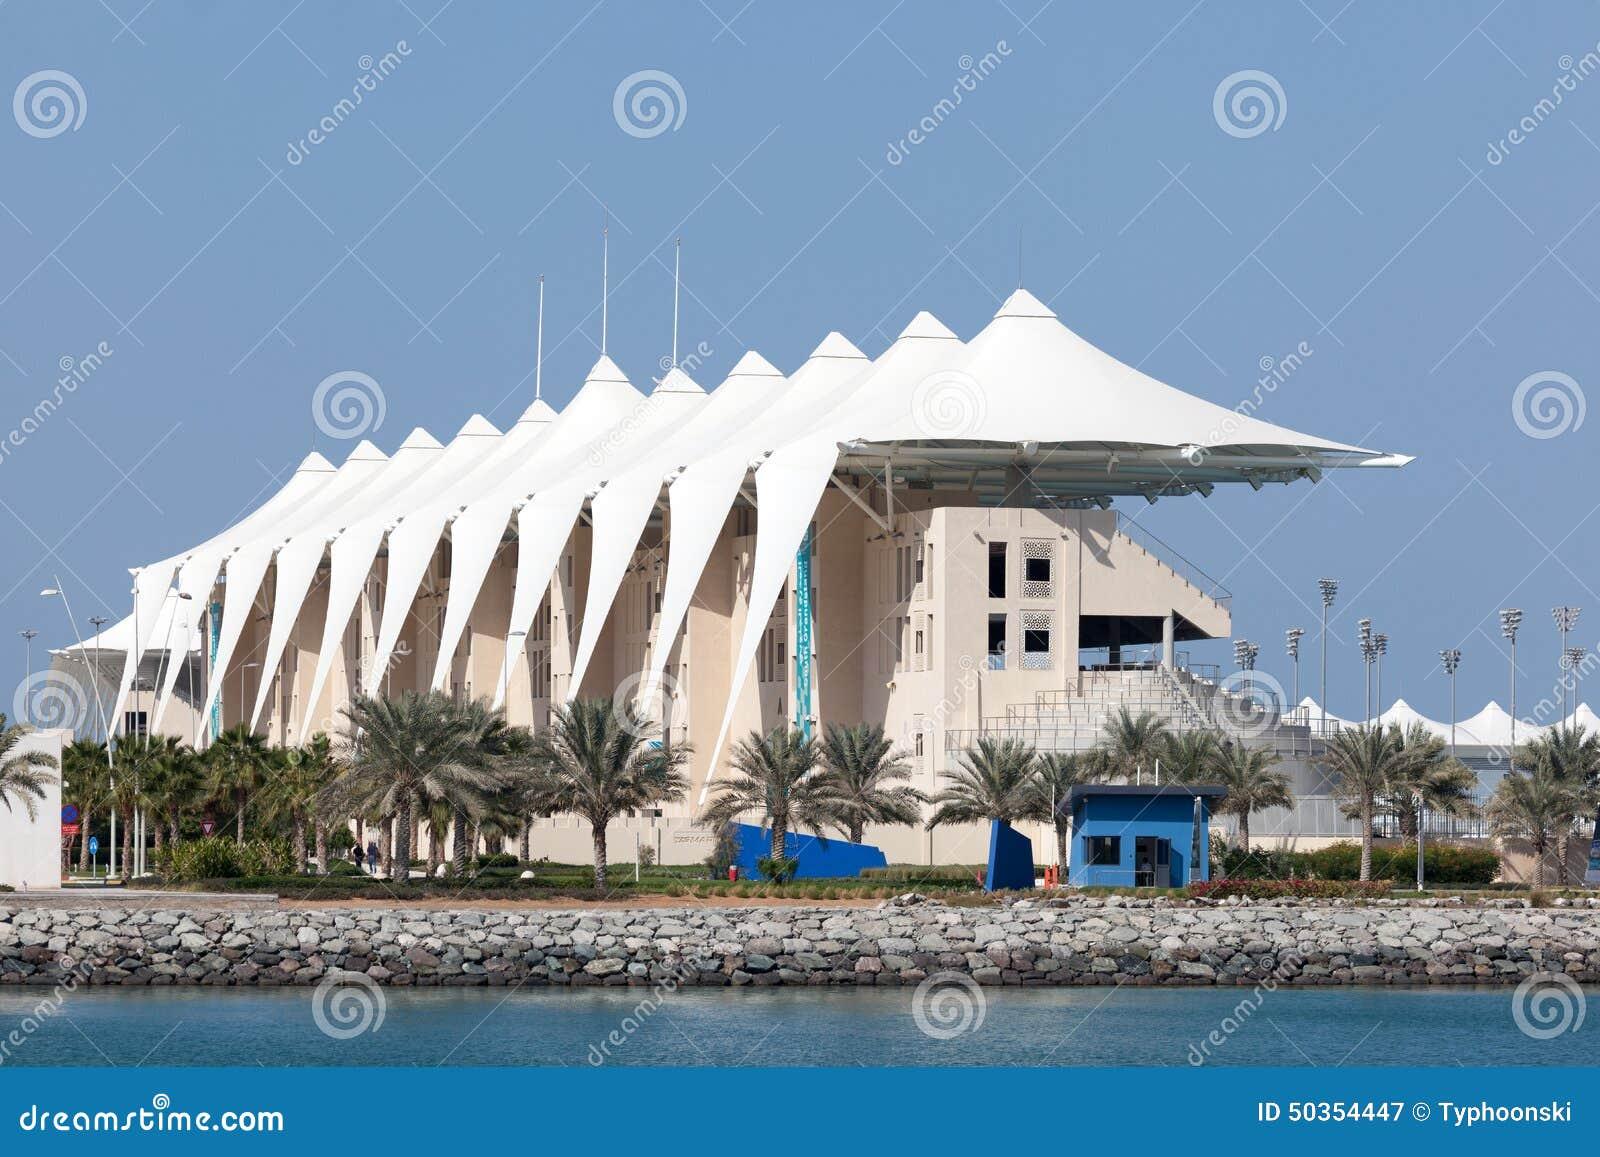 Circuito Yas Marina : Gradería cubierta en yas marina circuit abu dhabi fotografía